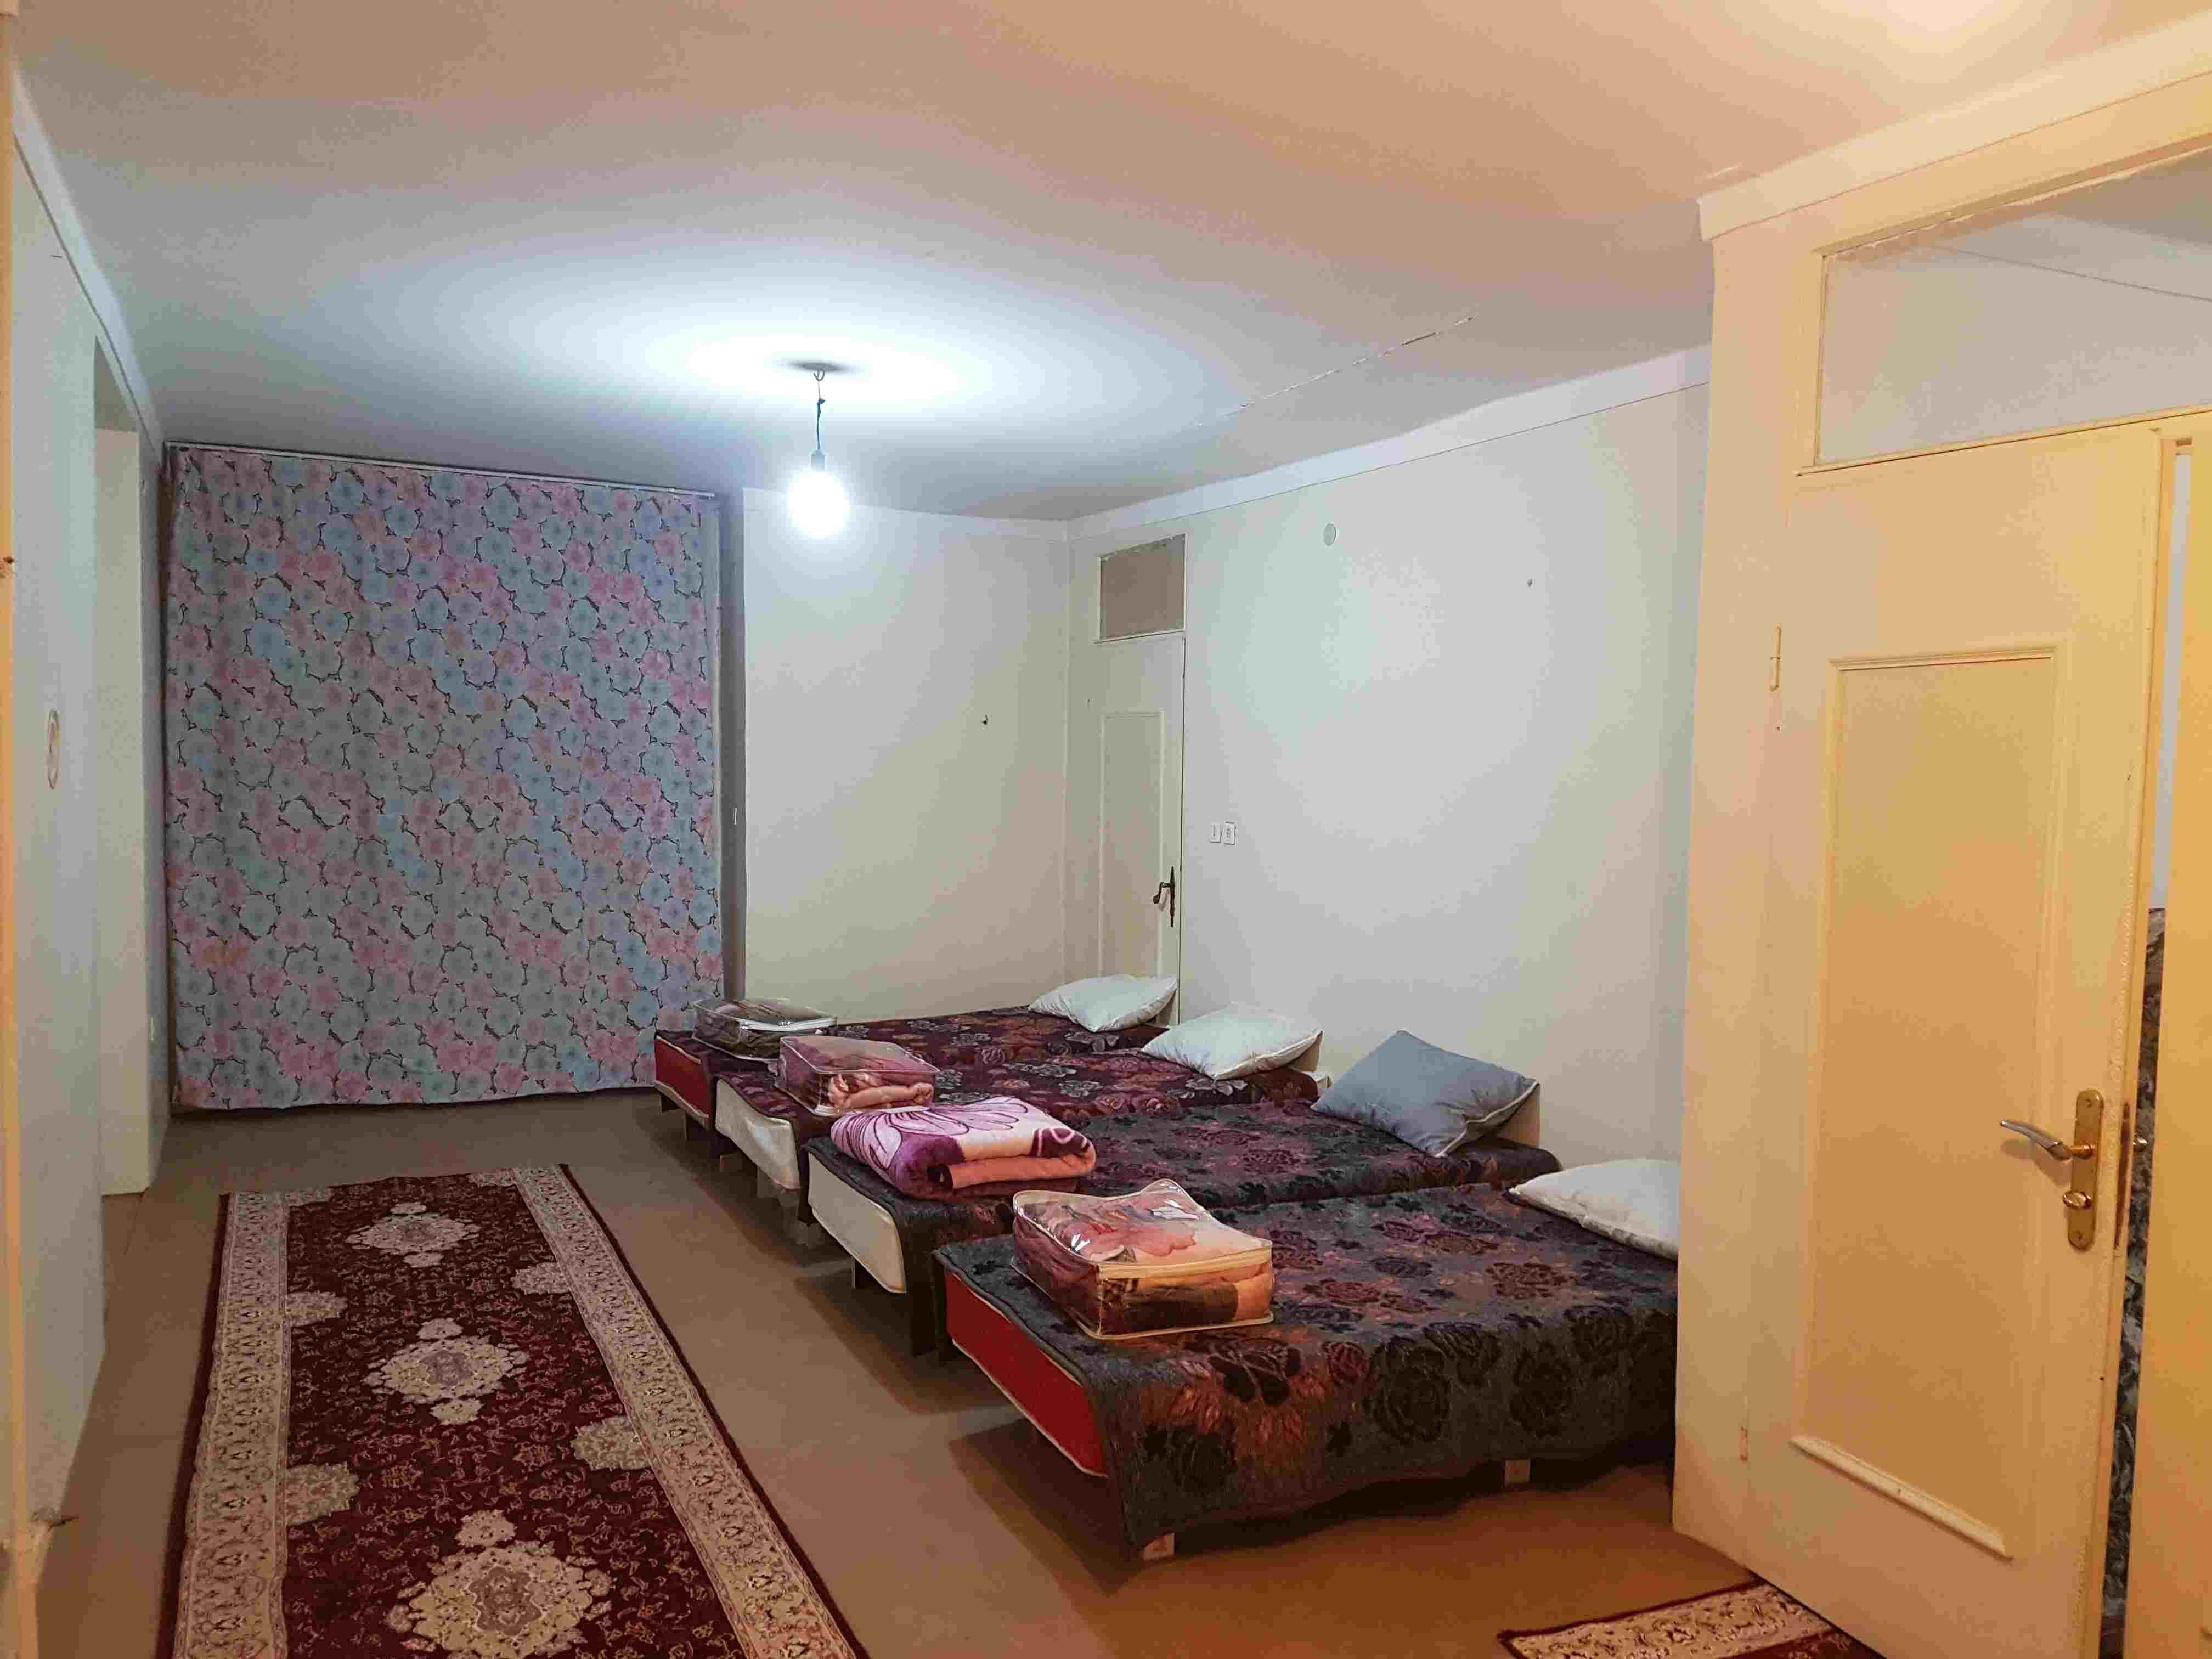 درون شهری آپارتمان مبله در رسالت تبریز